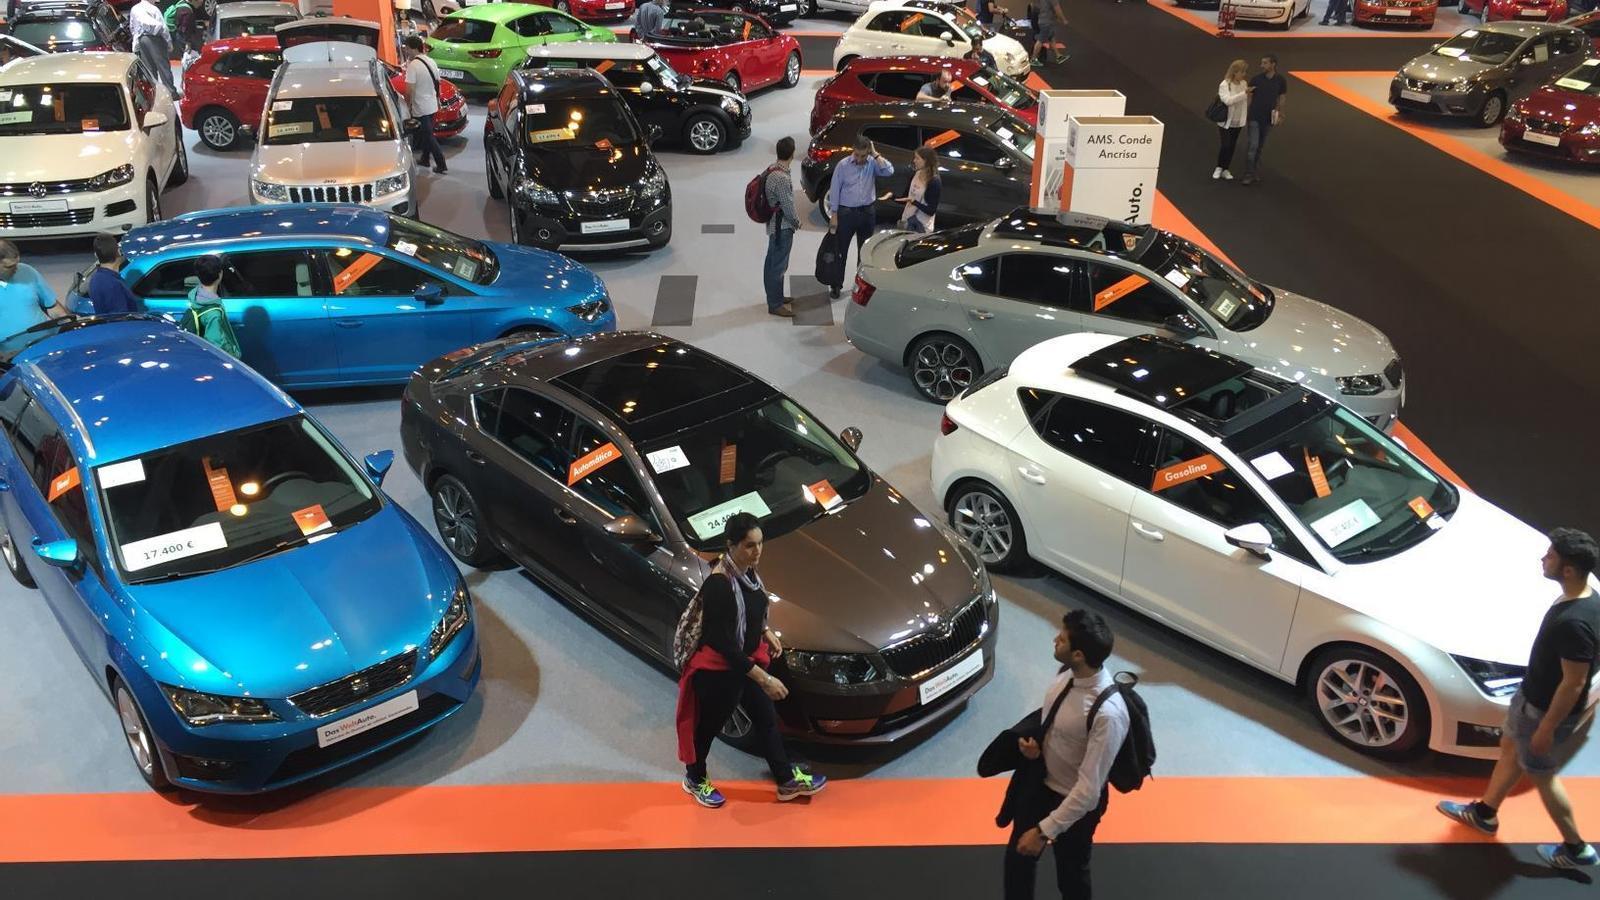 Les vendes de cotxes a Europa cauen un 8,6% a l'agost i un 3,2% des de començament d'any